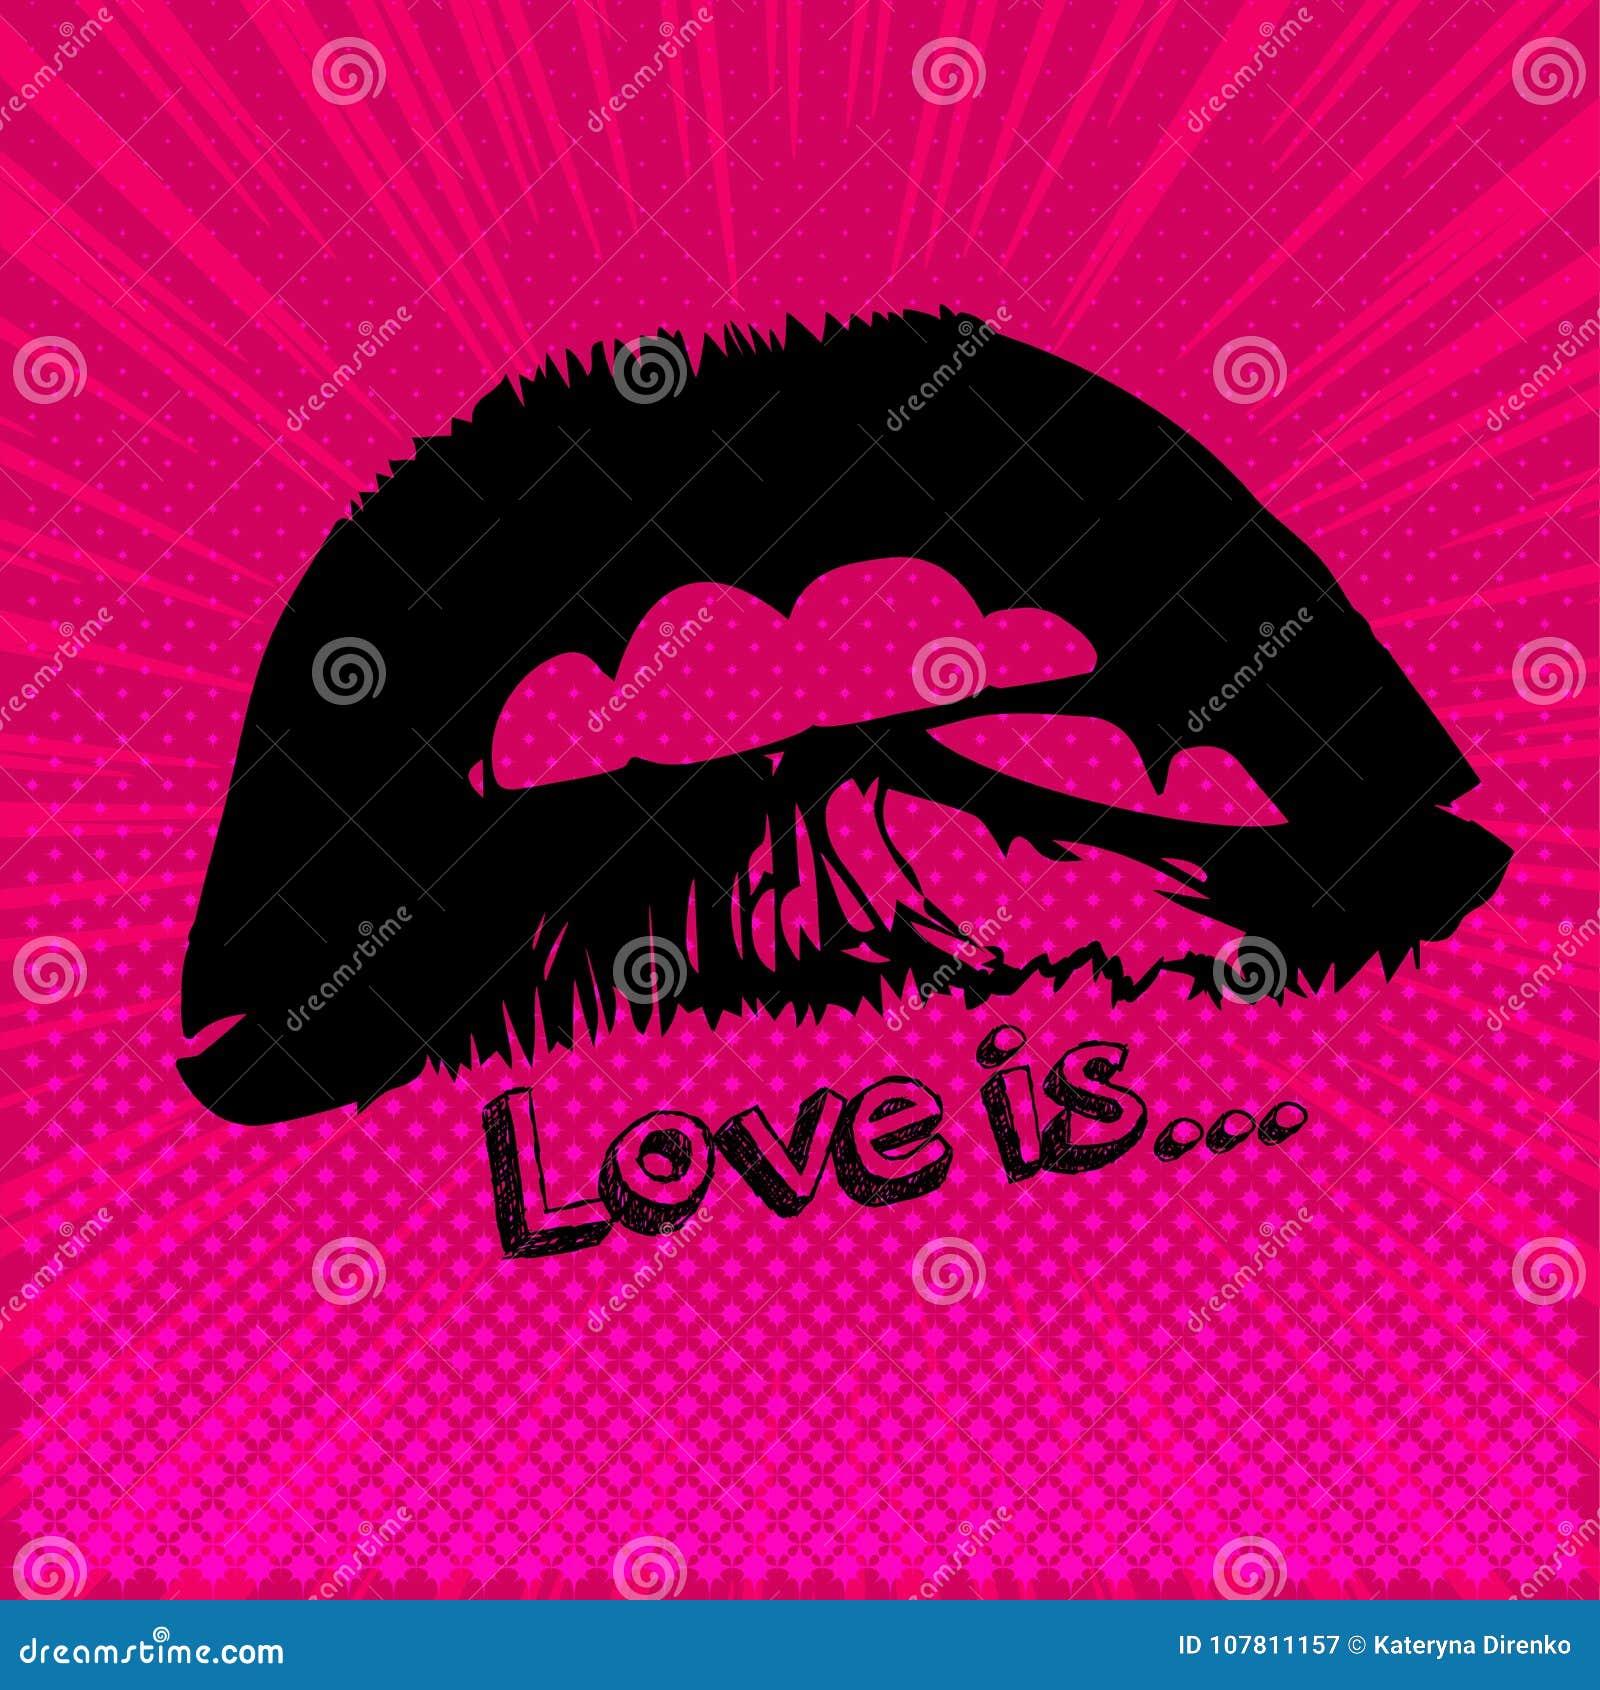 θηλυκά μέρη χειλικής αγάπης σωμάτων εικονίδιο, σημάδι, σύμβολο, μπάλωμα, αυτοκόλλητη ετικέττα Υγιή δόντια, συμπαθητικά χείλια, μι